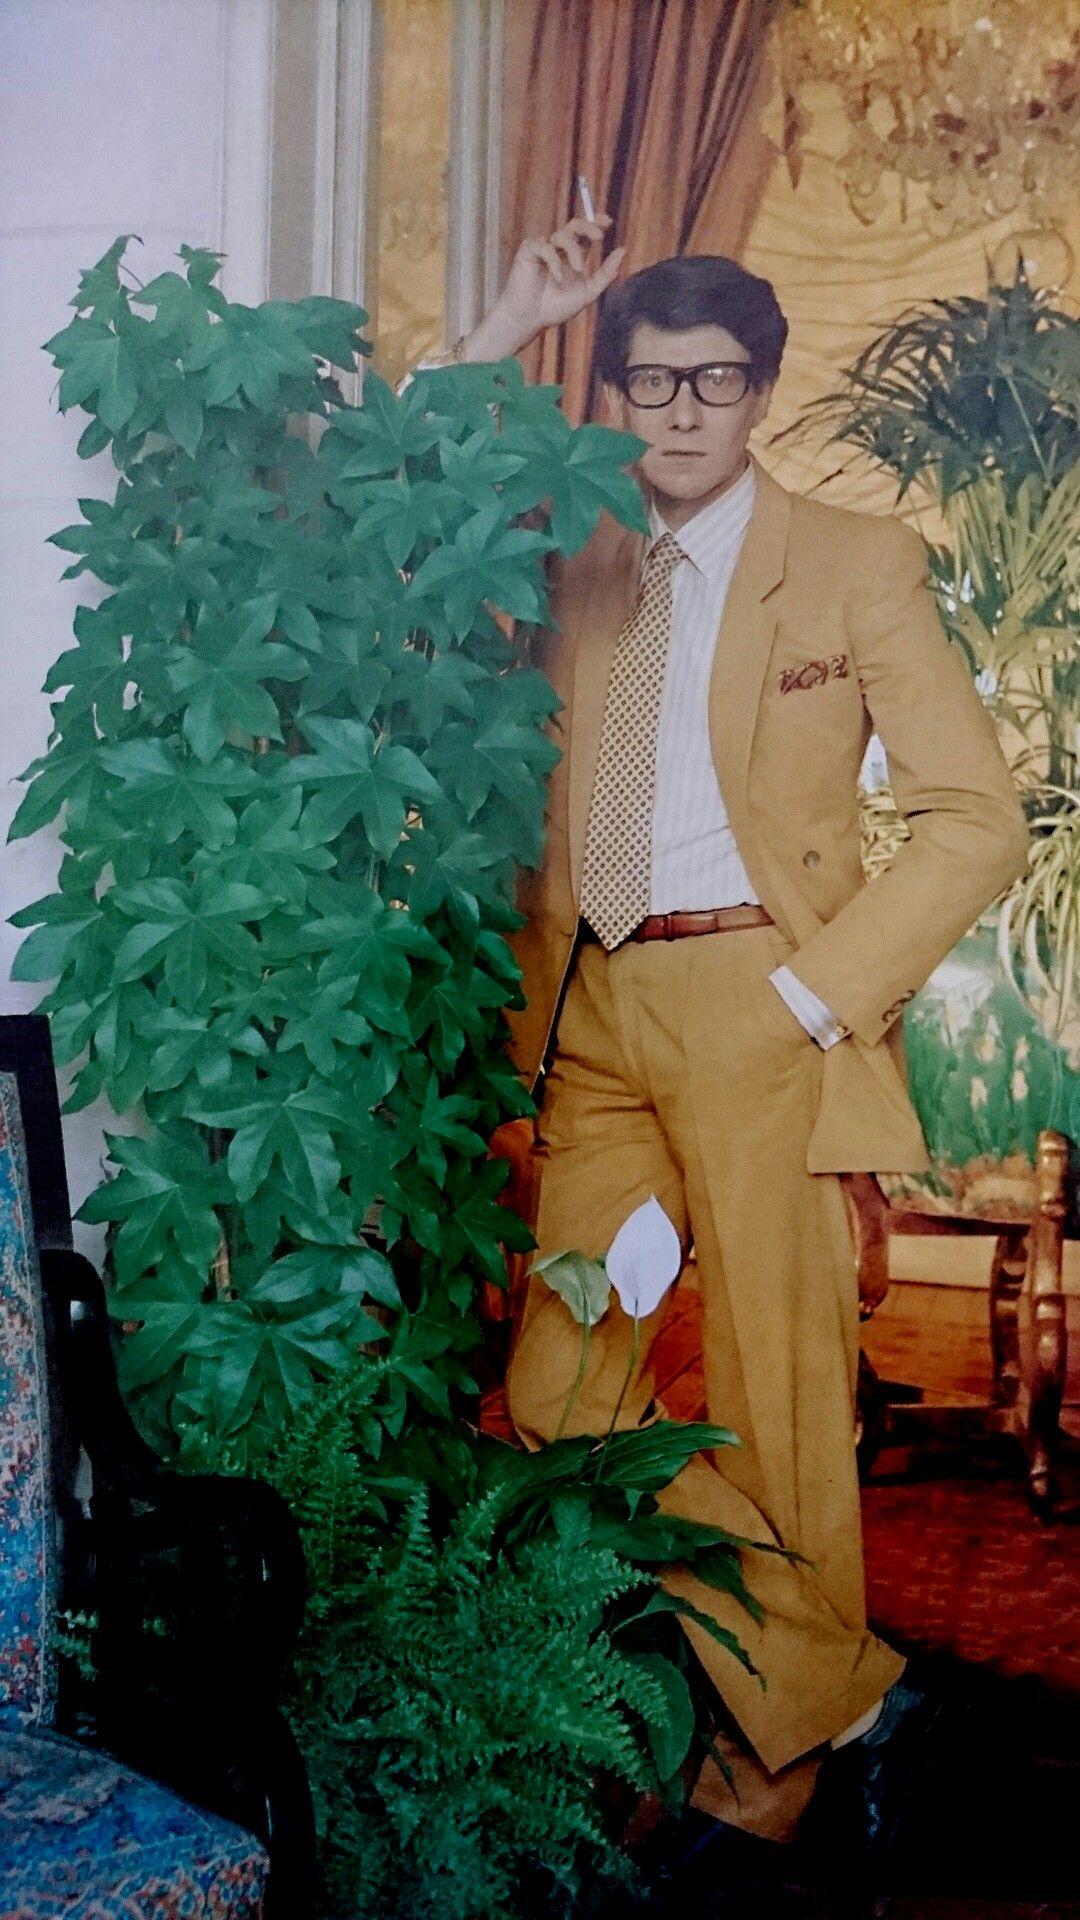 Yves Saint Laurent à Deauville  1984.  Photographie de Horst